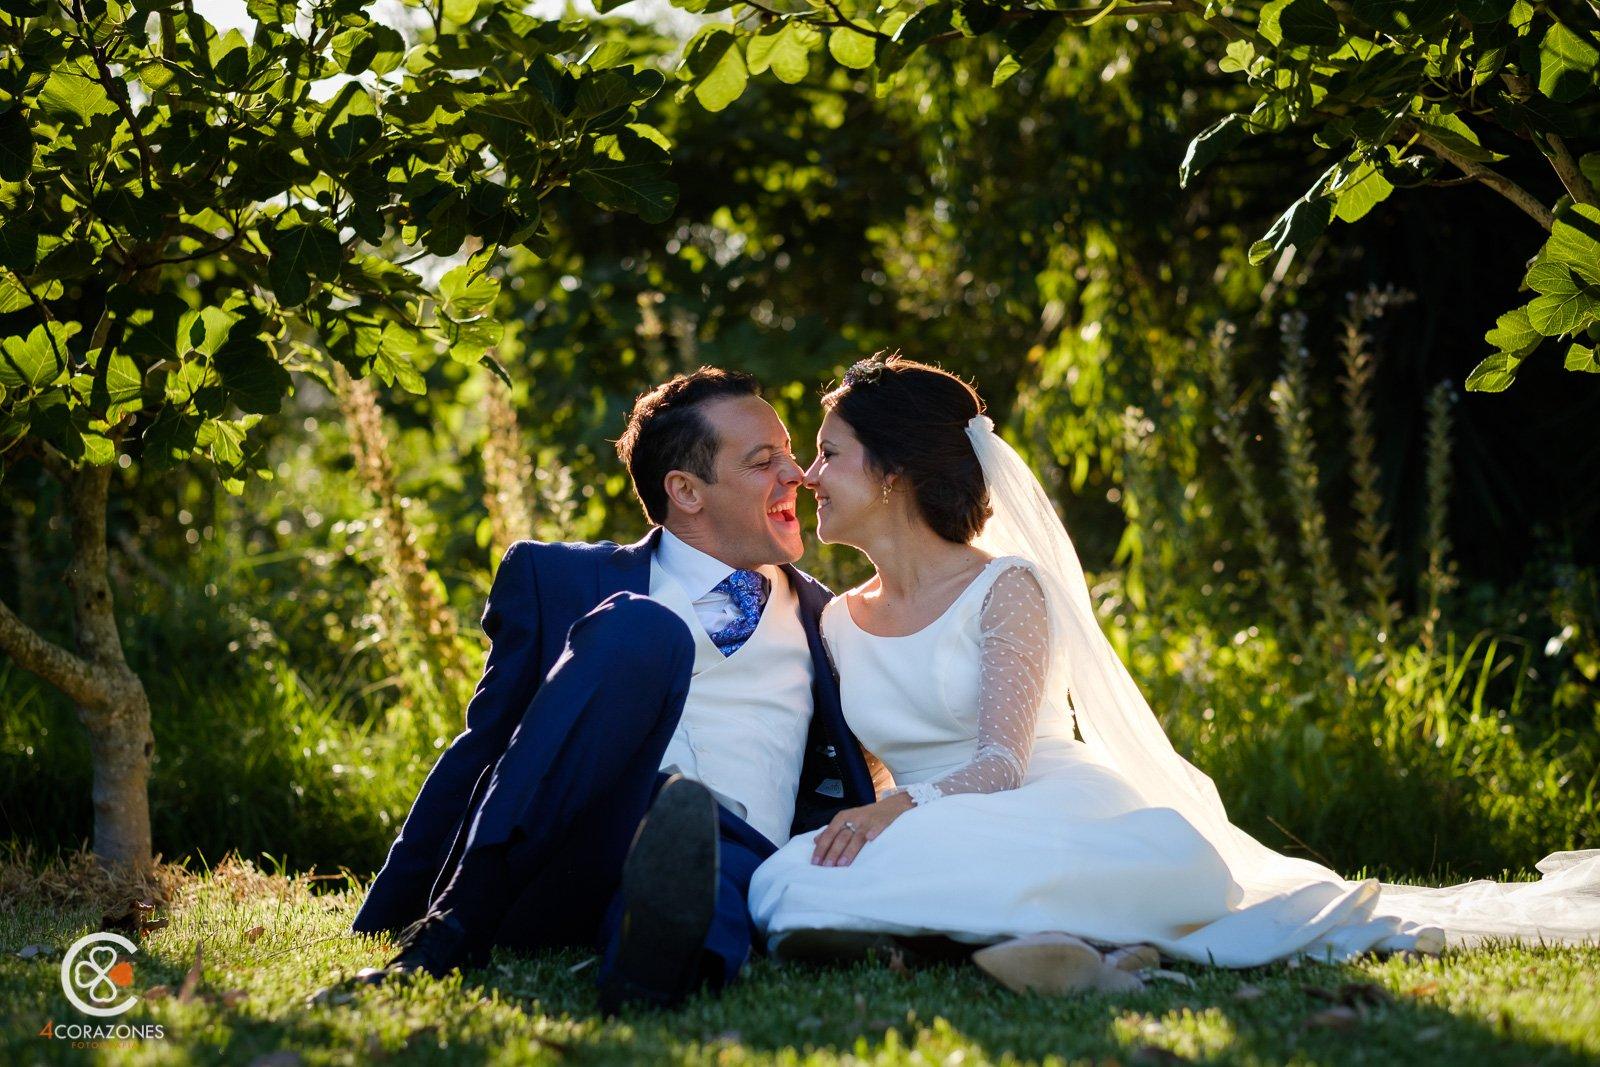 fotos-de-boda-en-los-barrios-jardin-de-villa-vega-paco-isa-001-cuatro-corazones-fotografia-juanlu-corrales